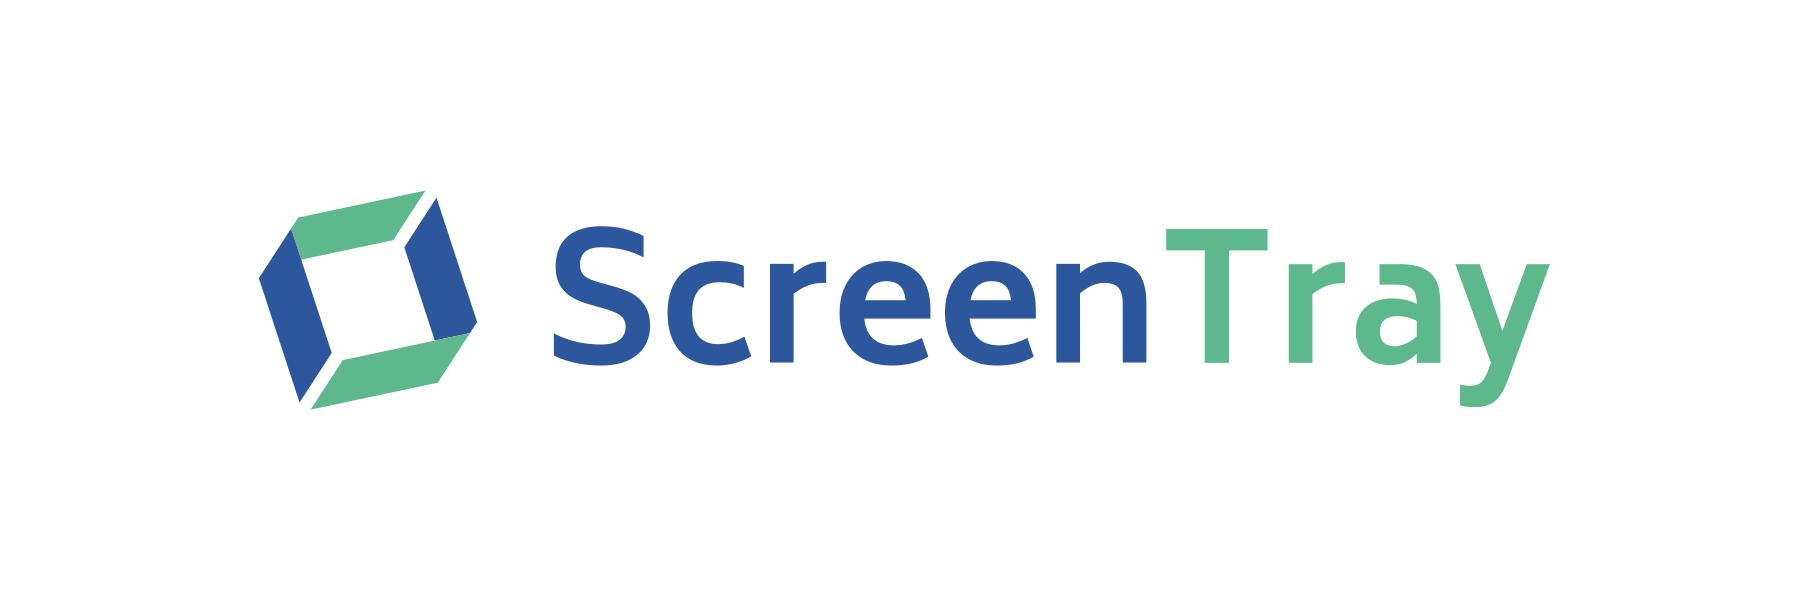 ScreenTray